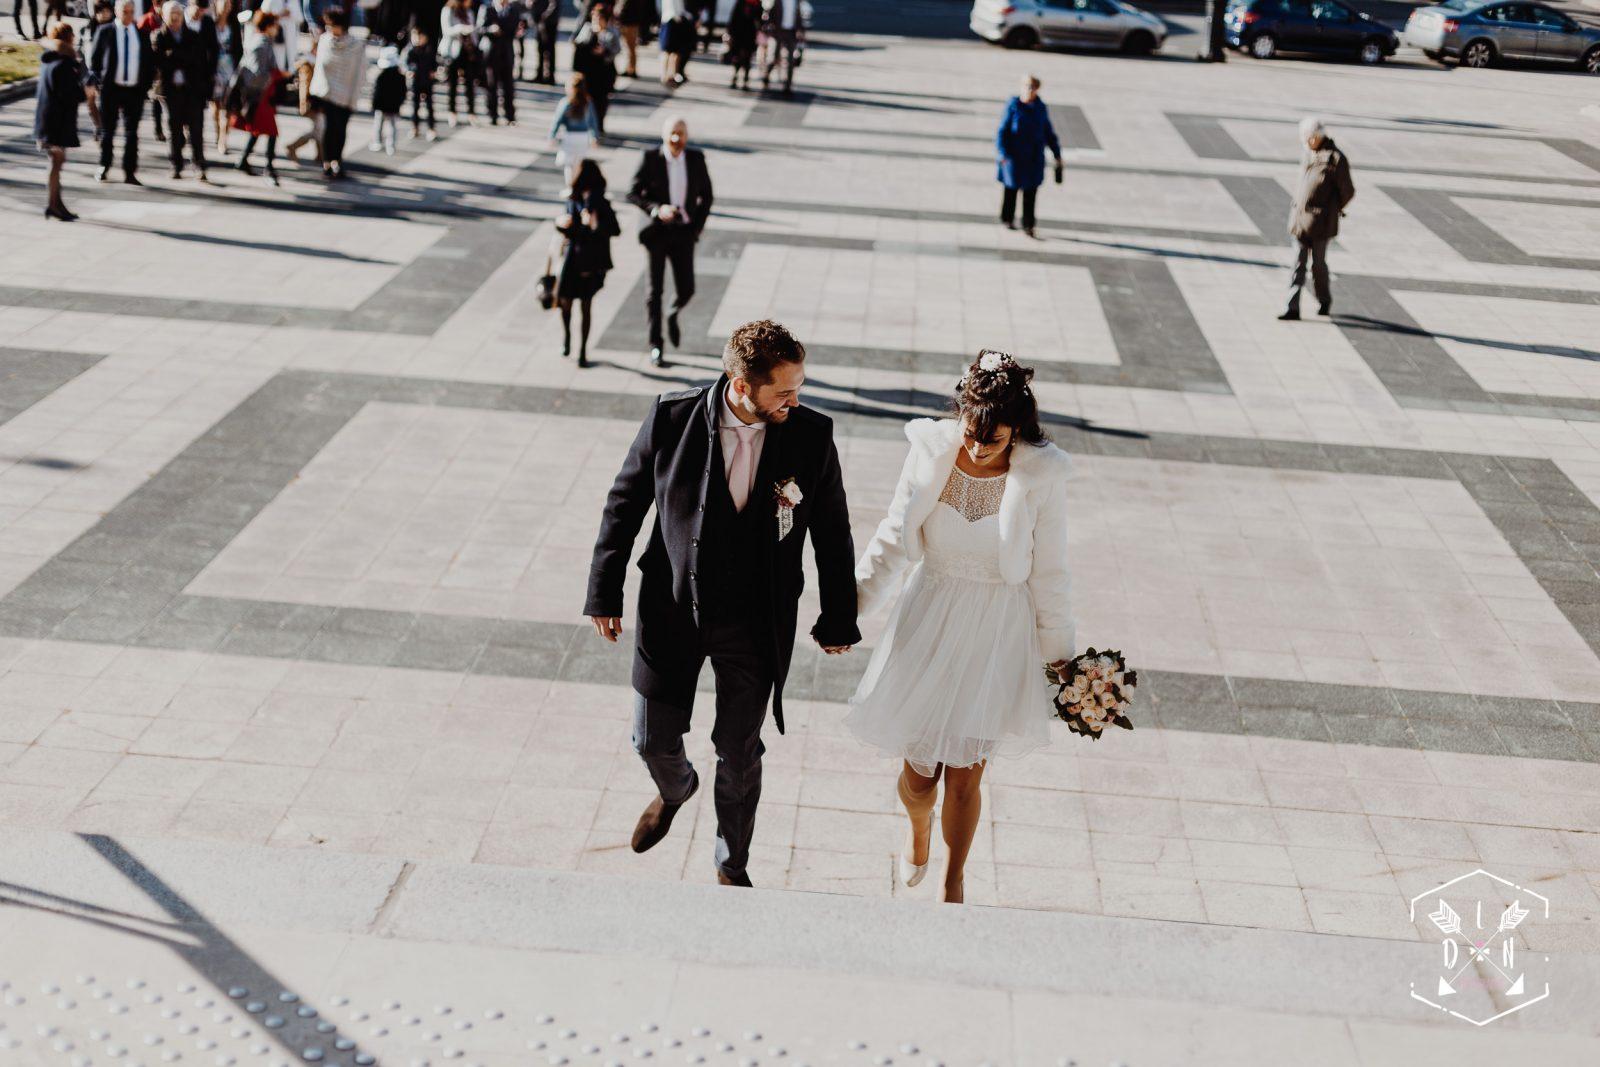 belle photo de mariage moderne, jeunes mariés à la mairie de Vichy, L'oeil de Noémie meulleur photographe de mariage en Auvergne